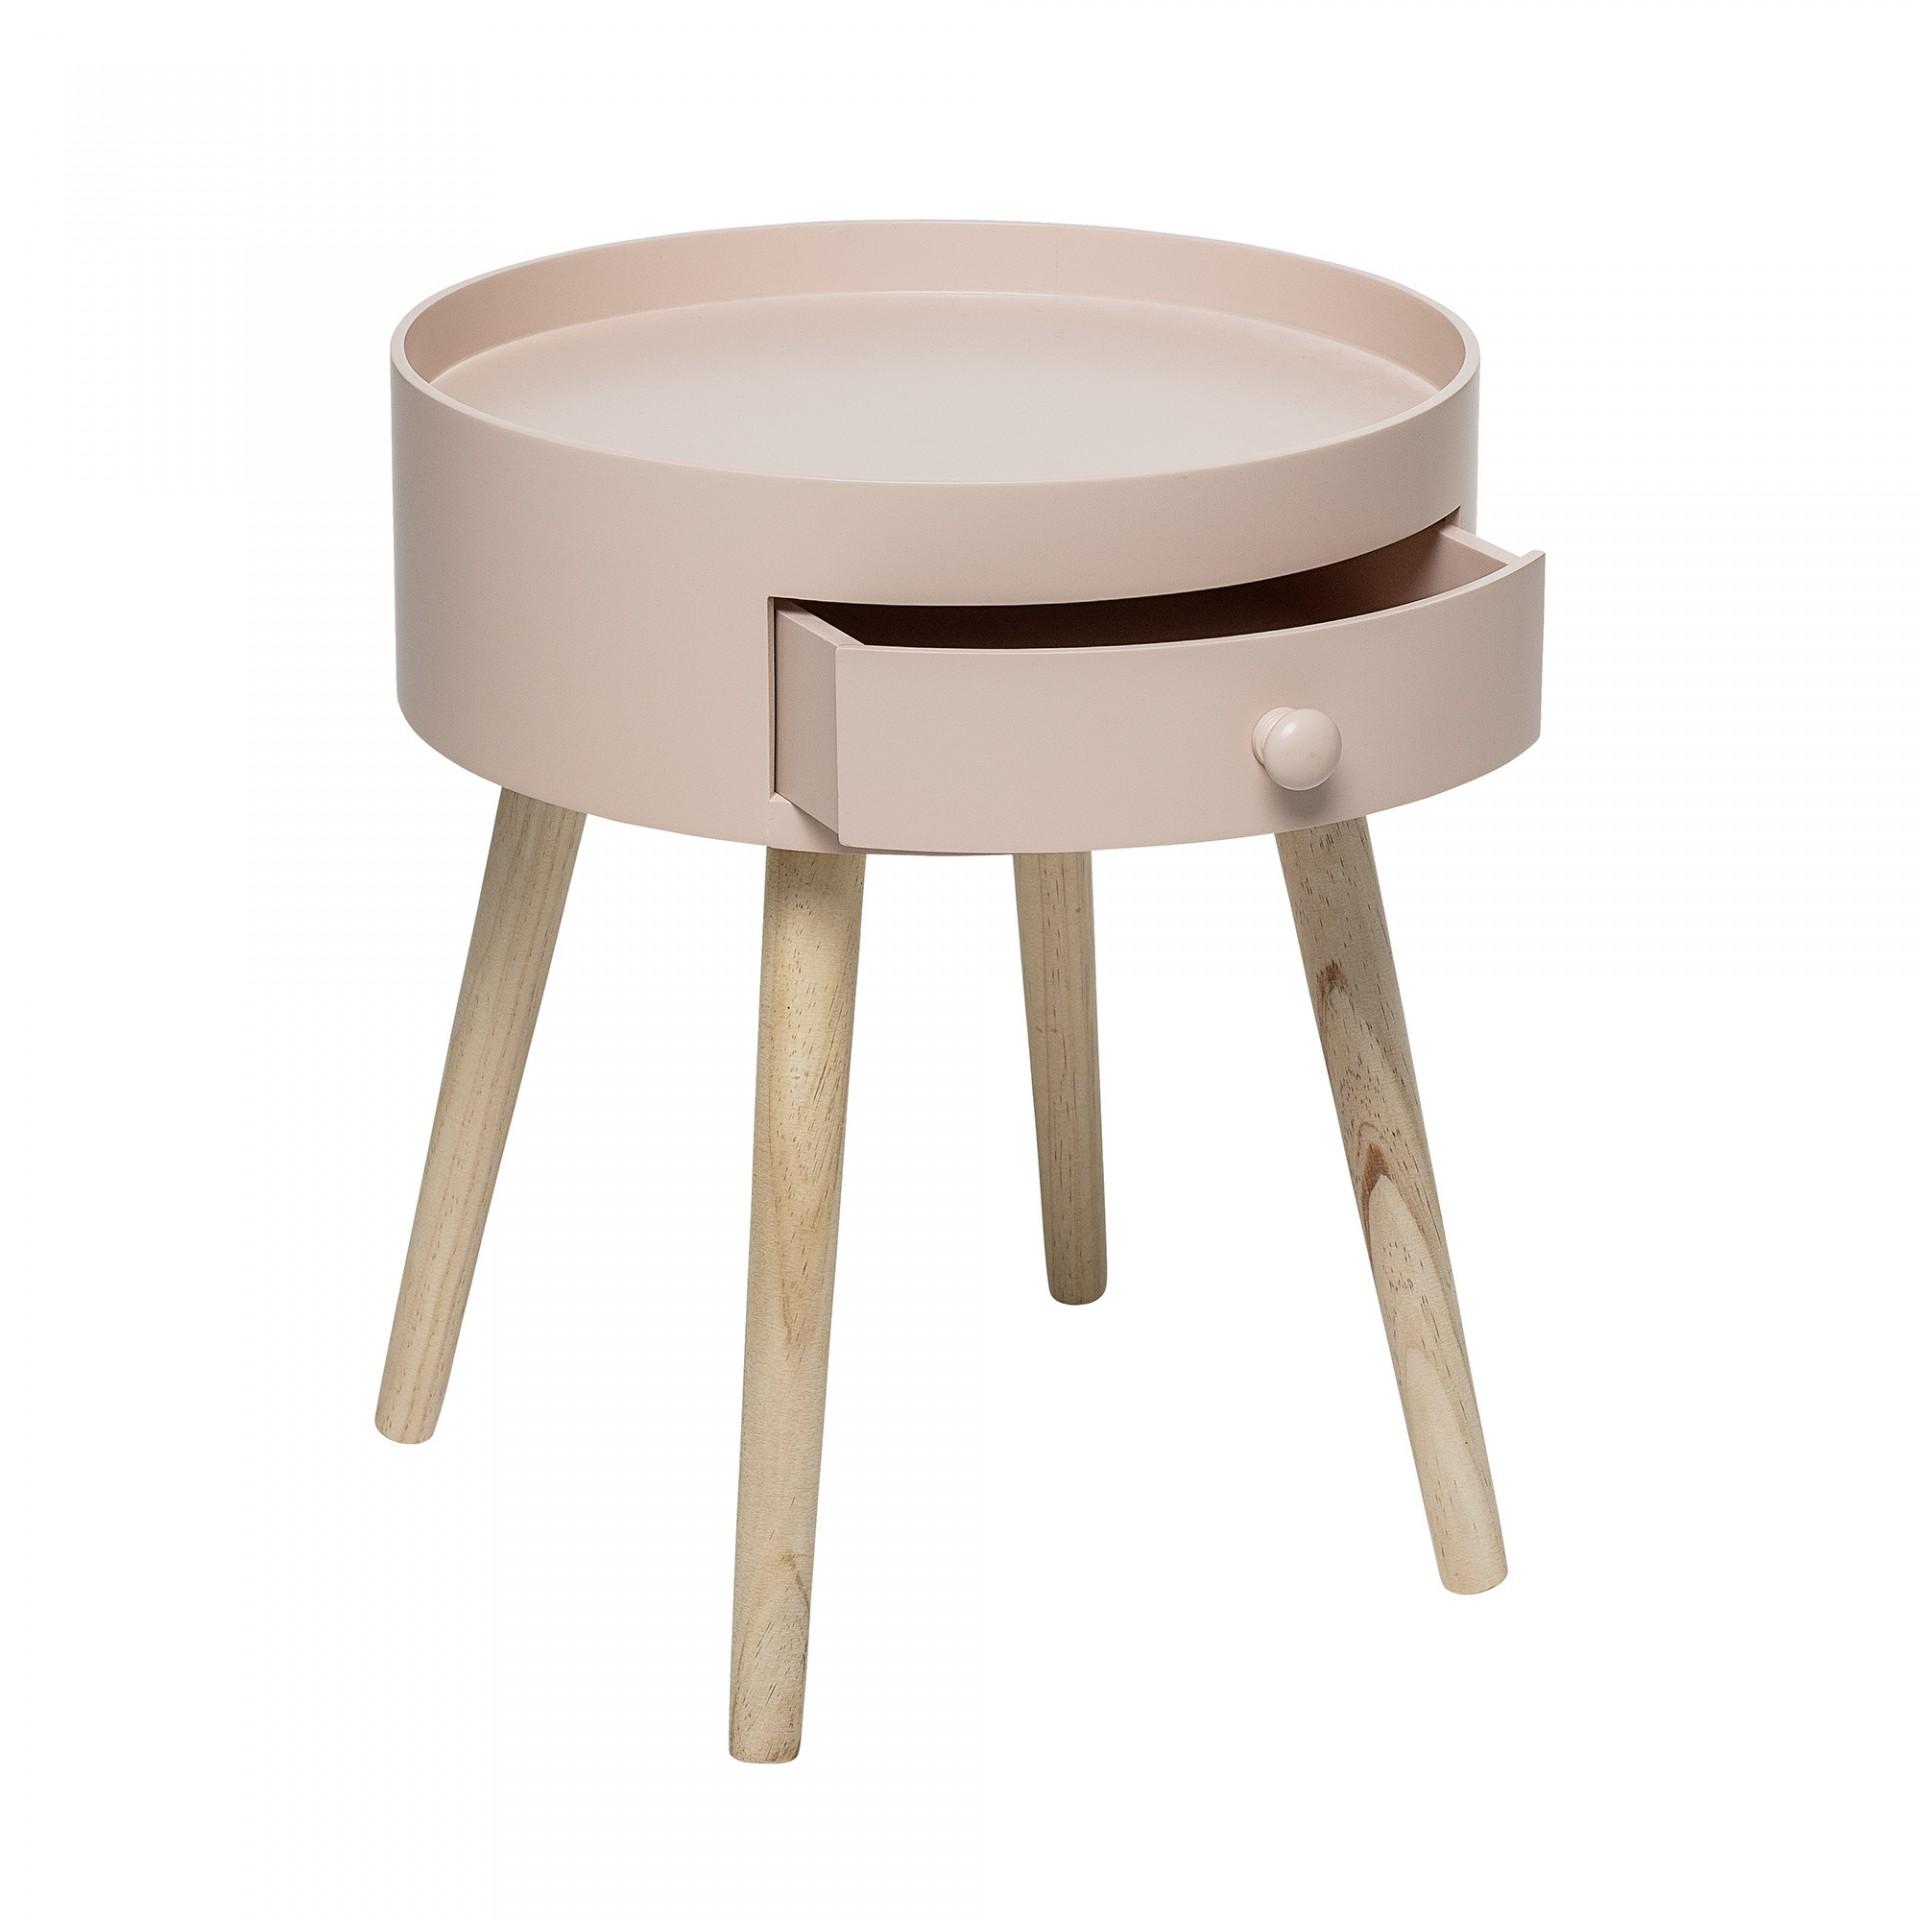 Mesa de apoio, madeira de pinho/MDF lacado, rosa, Ø38x45 cm